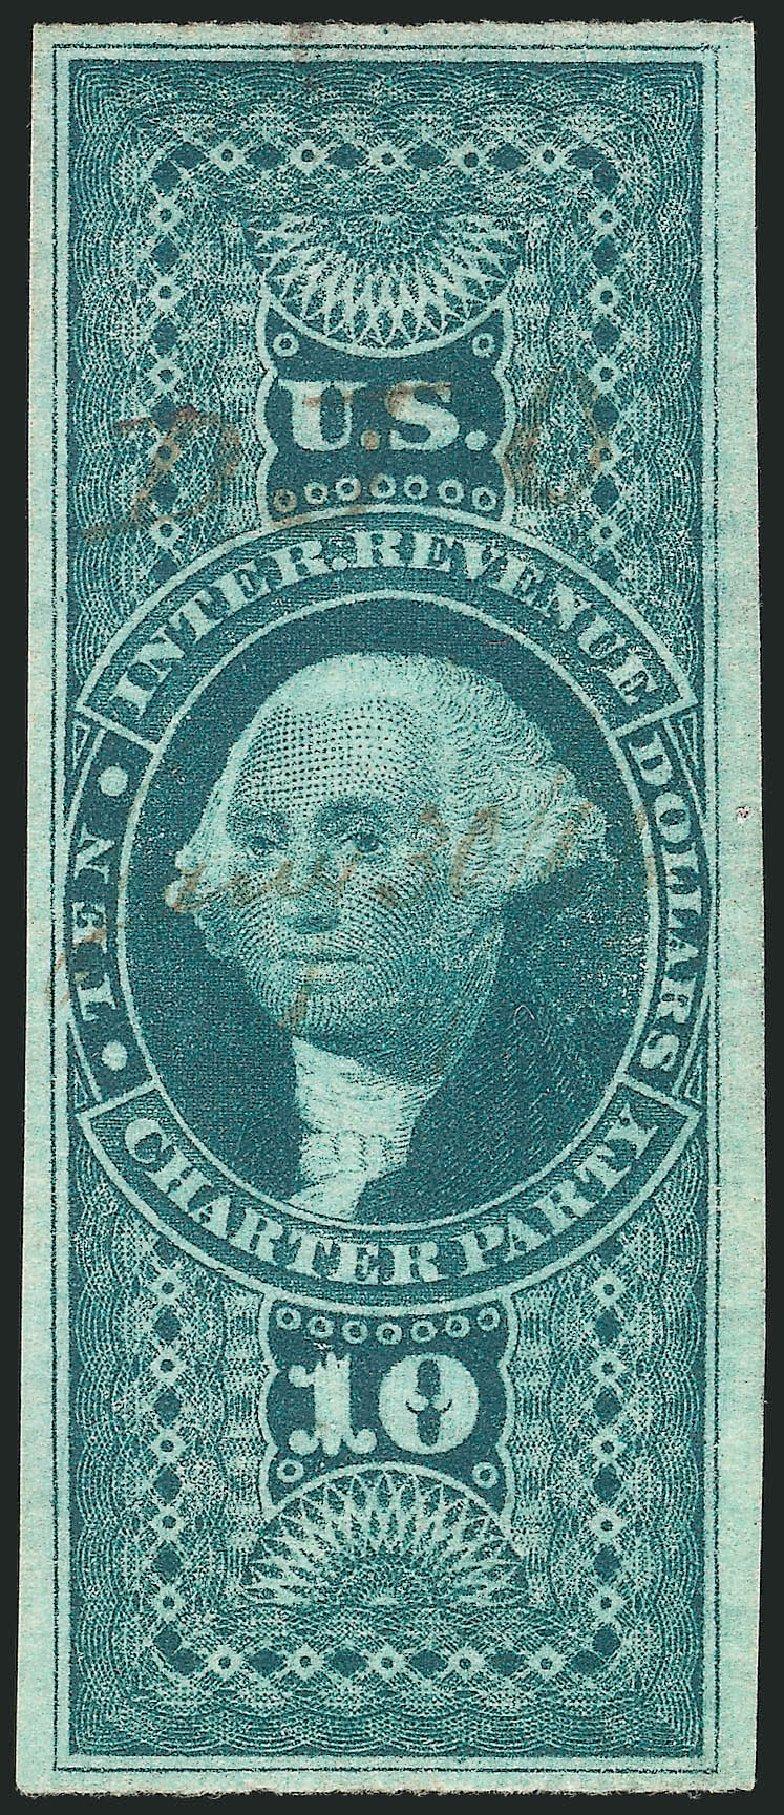 US Stamp Value Scott Cat. R93: 1862 US$10.00 Revenue Charter Party. Robert Siegel Auction Galleries, Apr 2015, Sale 1096, Lot 969